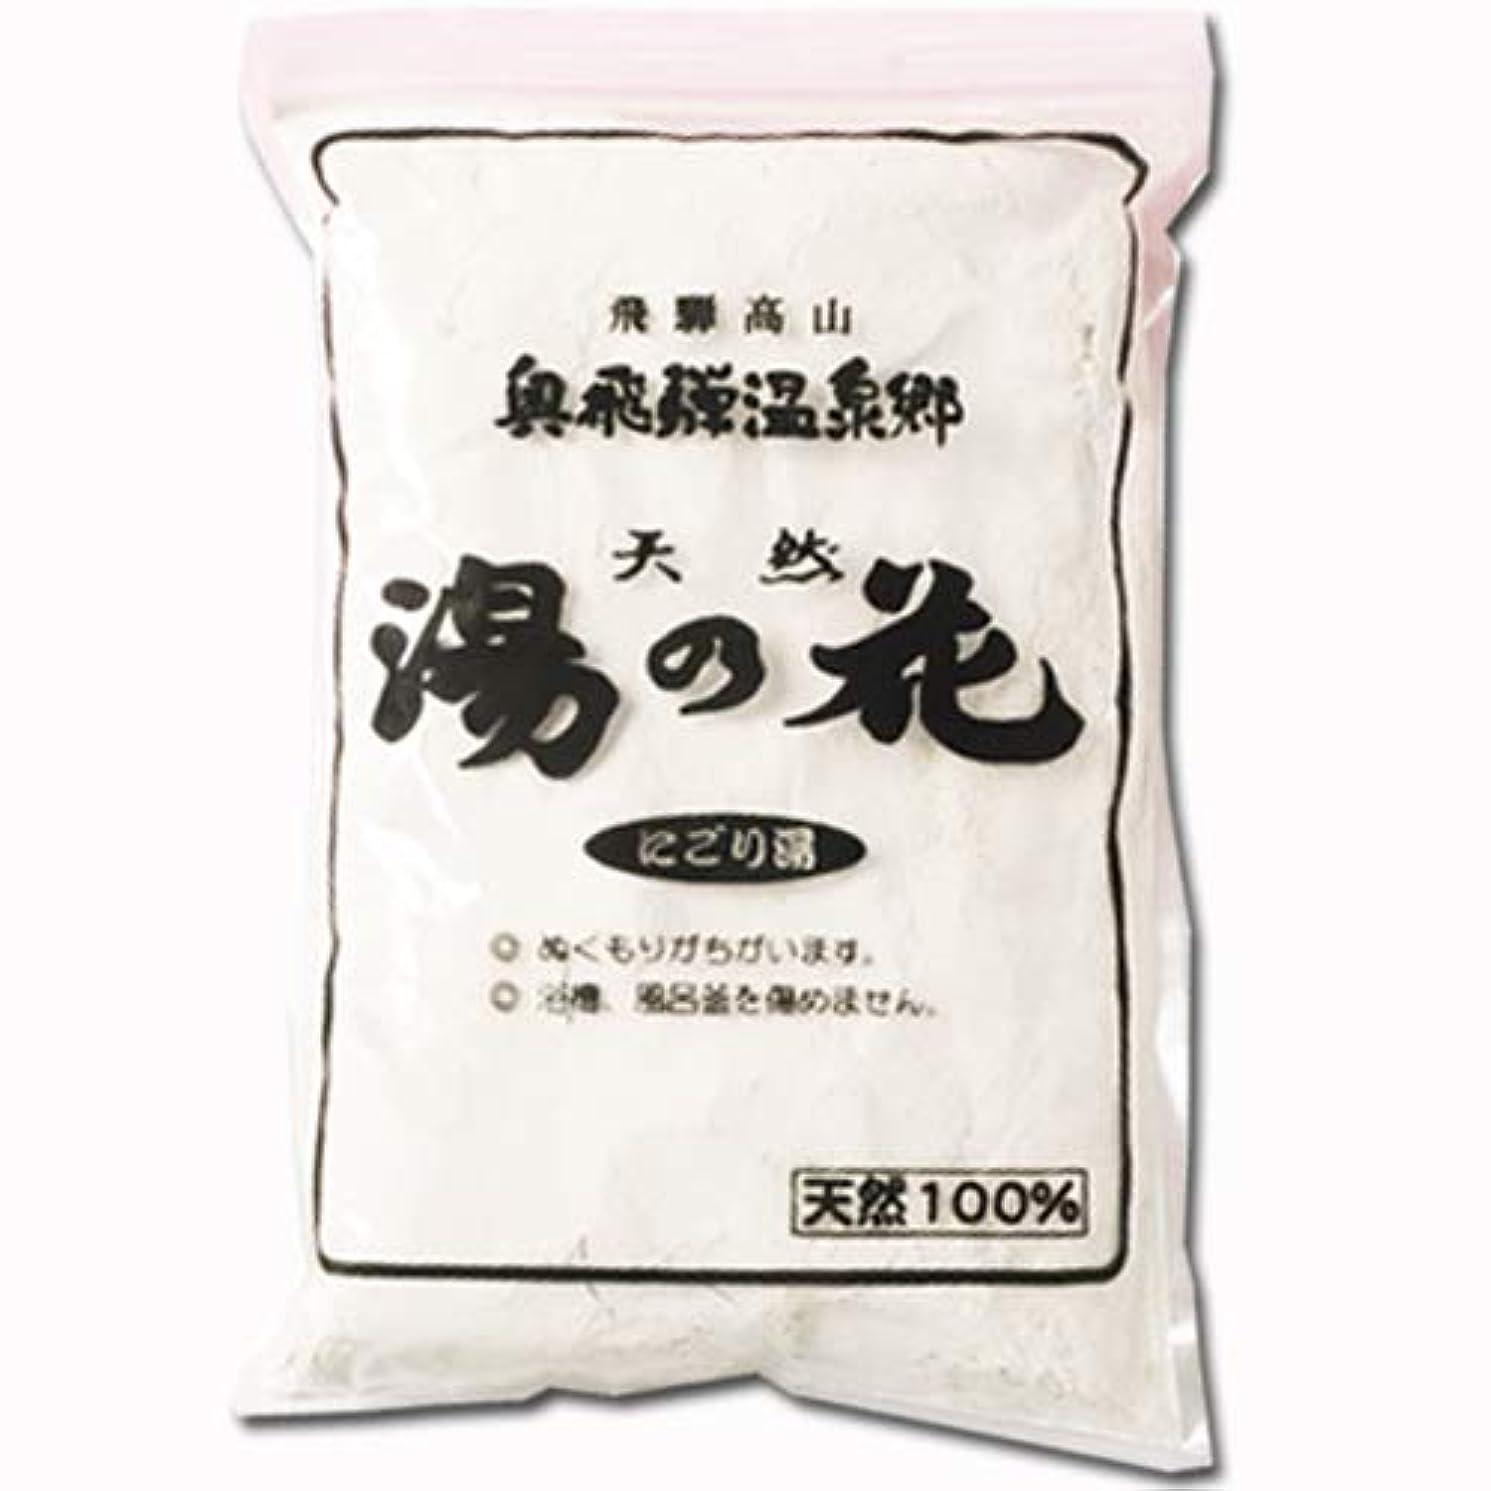 受け皿曖昧な医療過誤天然湯の花 (業務用) 1kg (飛騨高山温泉郷 にごり湯)